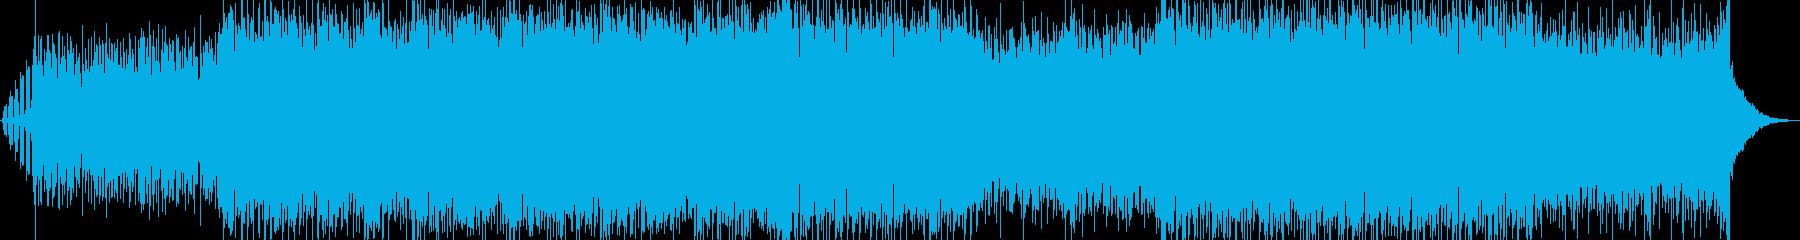 ピッコロのメロディが特徴的なダンスポップの再生済みの波形